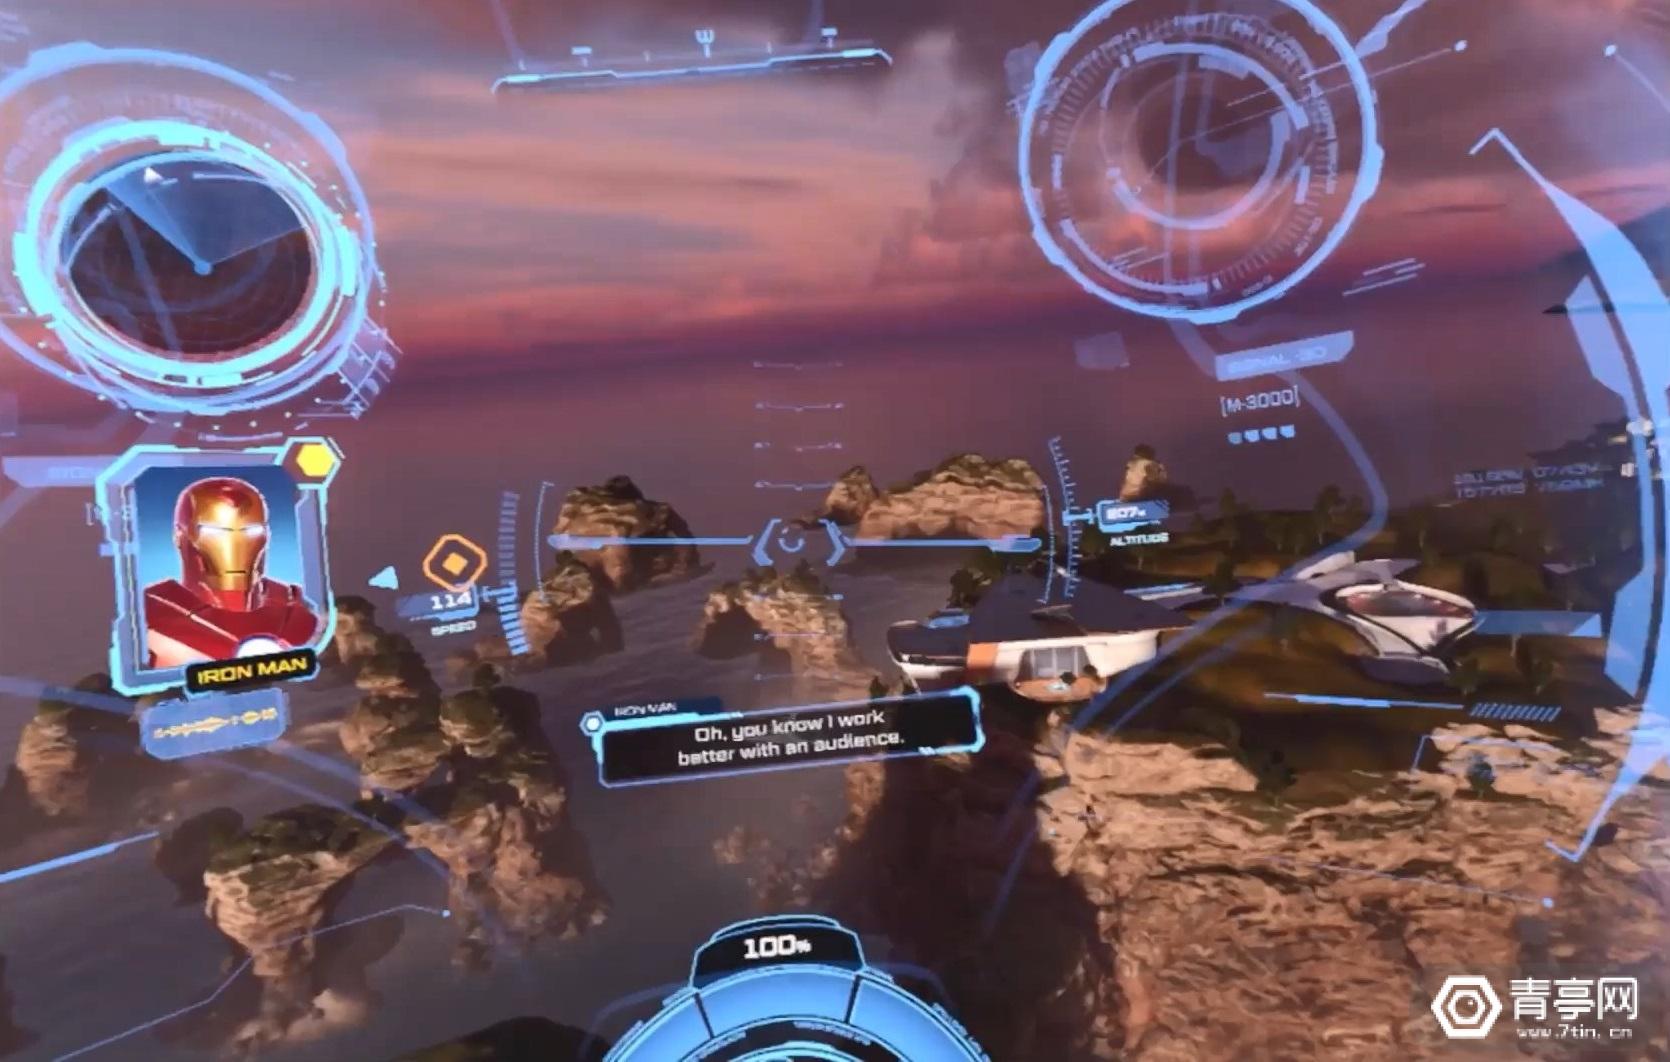 《漫威钢铁侠VR》试玩版实机演示,穿上盔甲刺激空战